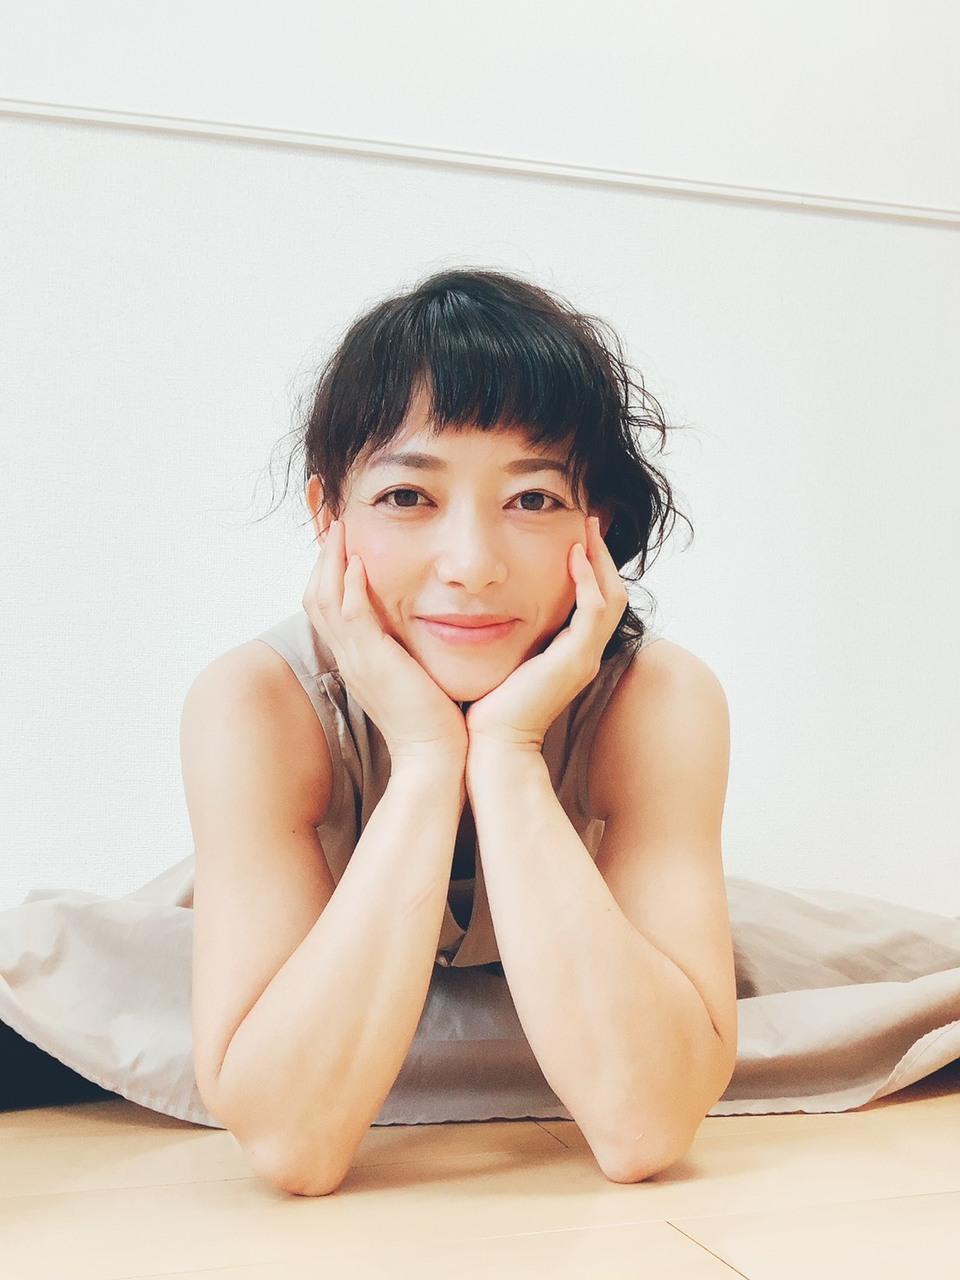 アロマデトックスヨガ(デトックス) 🔥🔥 aki